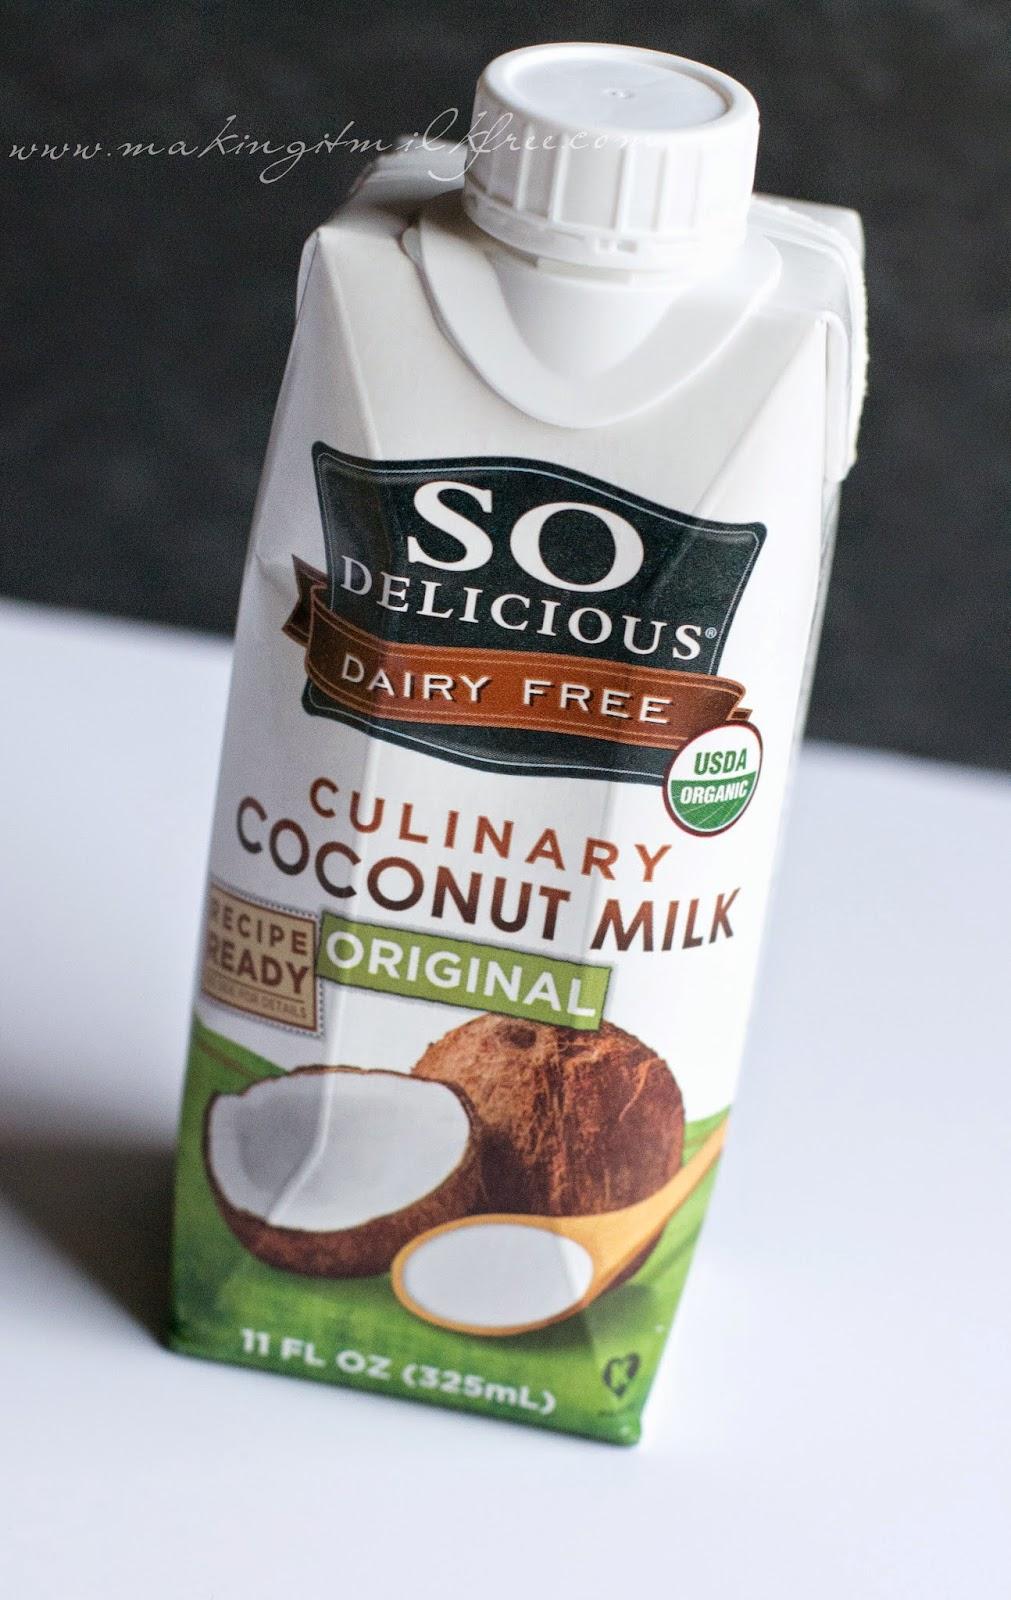 #dairyfree #glutenfree #sodelicious #coconutmilk